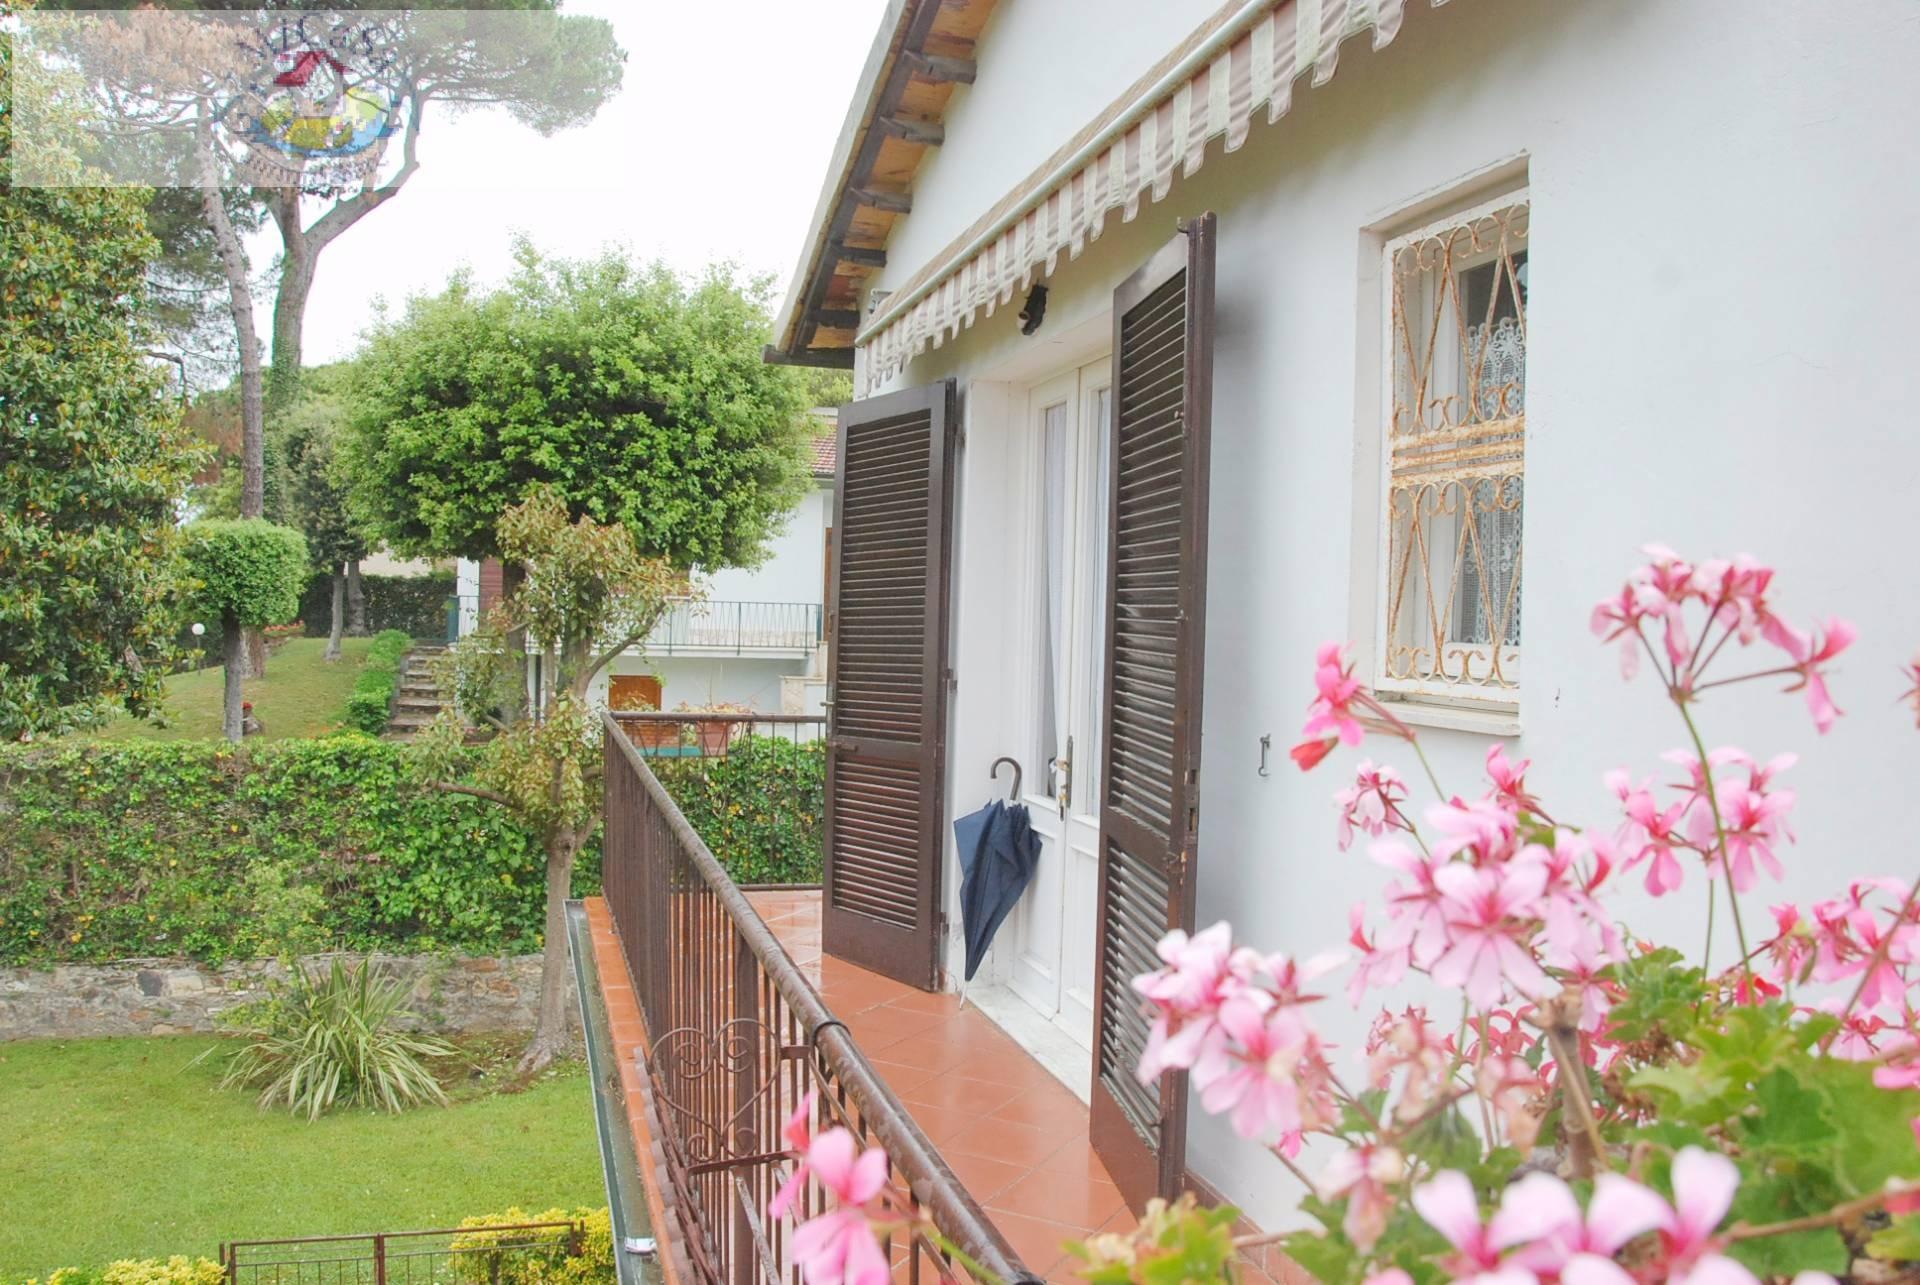 Appartamento in vendita a Pisa, 4 locali, zona Località: 1TIRRENIA, prezzo € 225.000 | CambioCasa.it